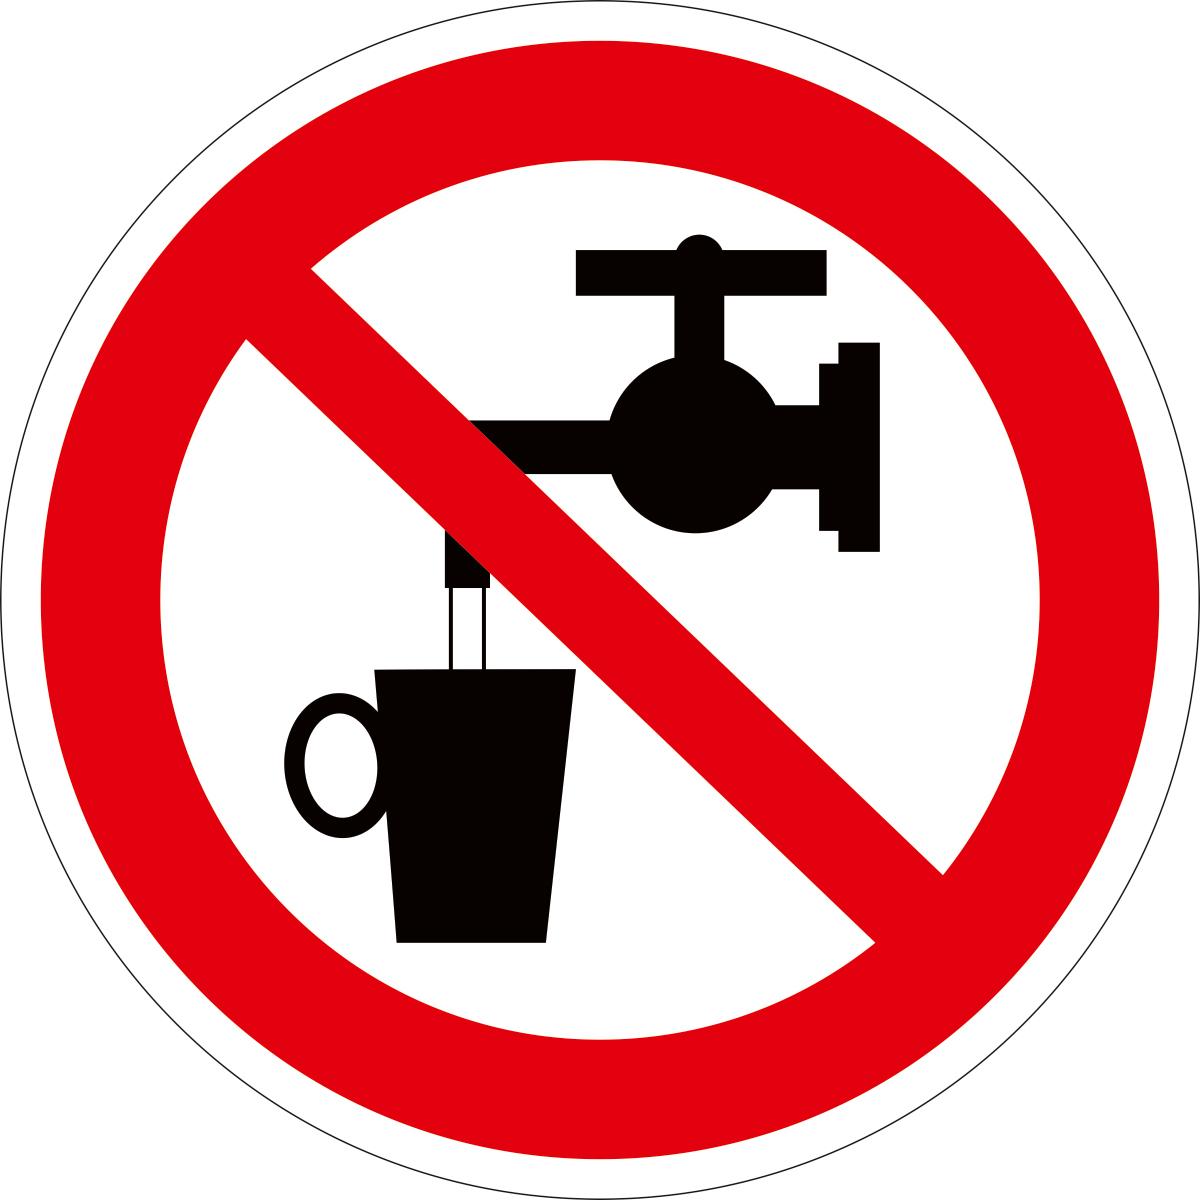 Наклейка информационная Оранжевый Слоник Запрещается использовать в качестве питьевой воды, 15 х 15 см оранжевый слоник виниловая наклейка баскет2